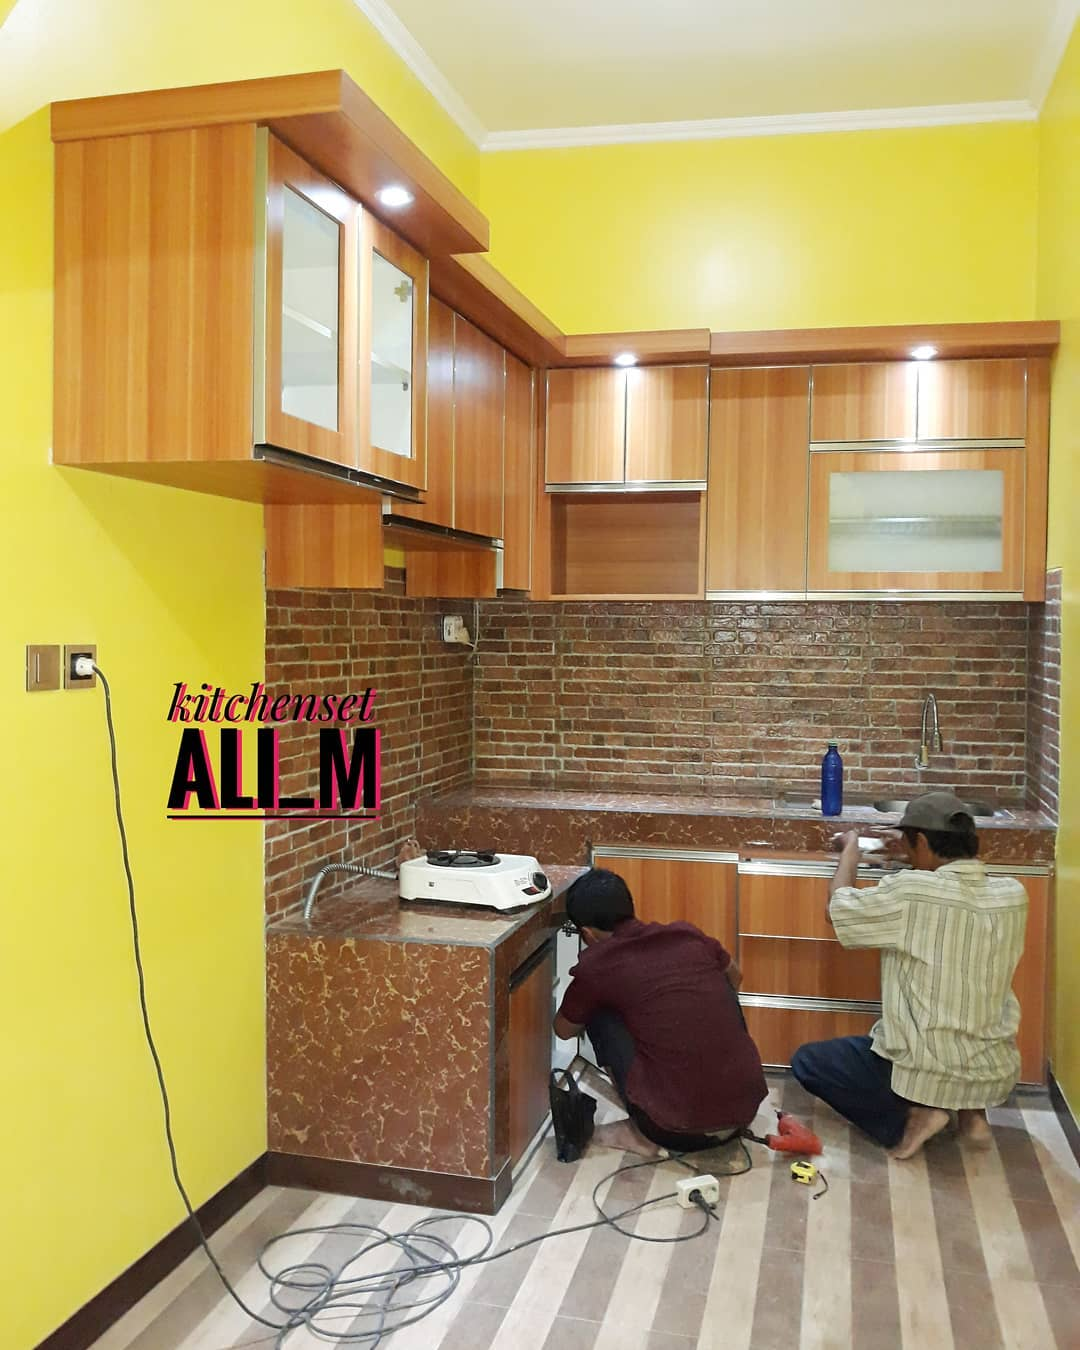 Jual Kitchenset Minimalis Murah Depok Jasa Kitchen Set Dan